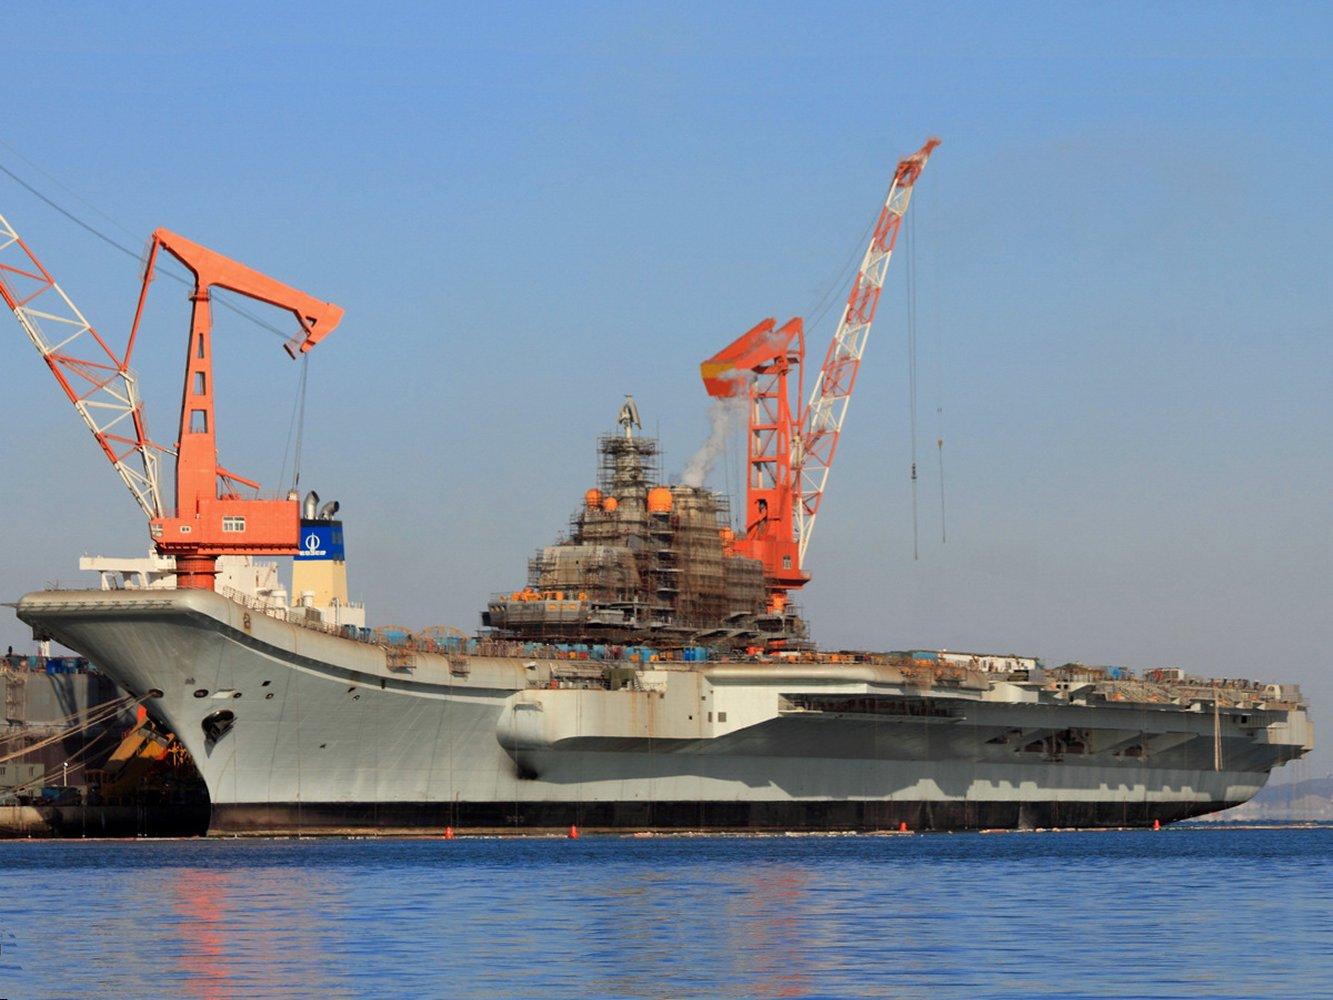 održavanje ratne mornarice